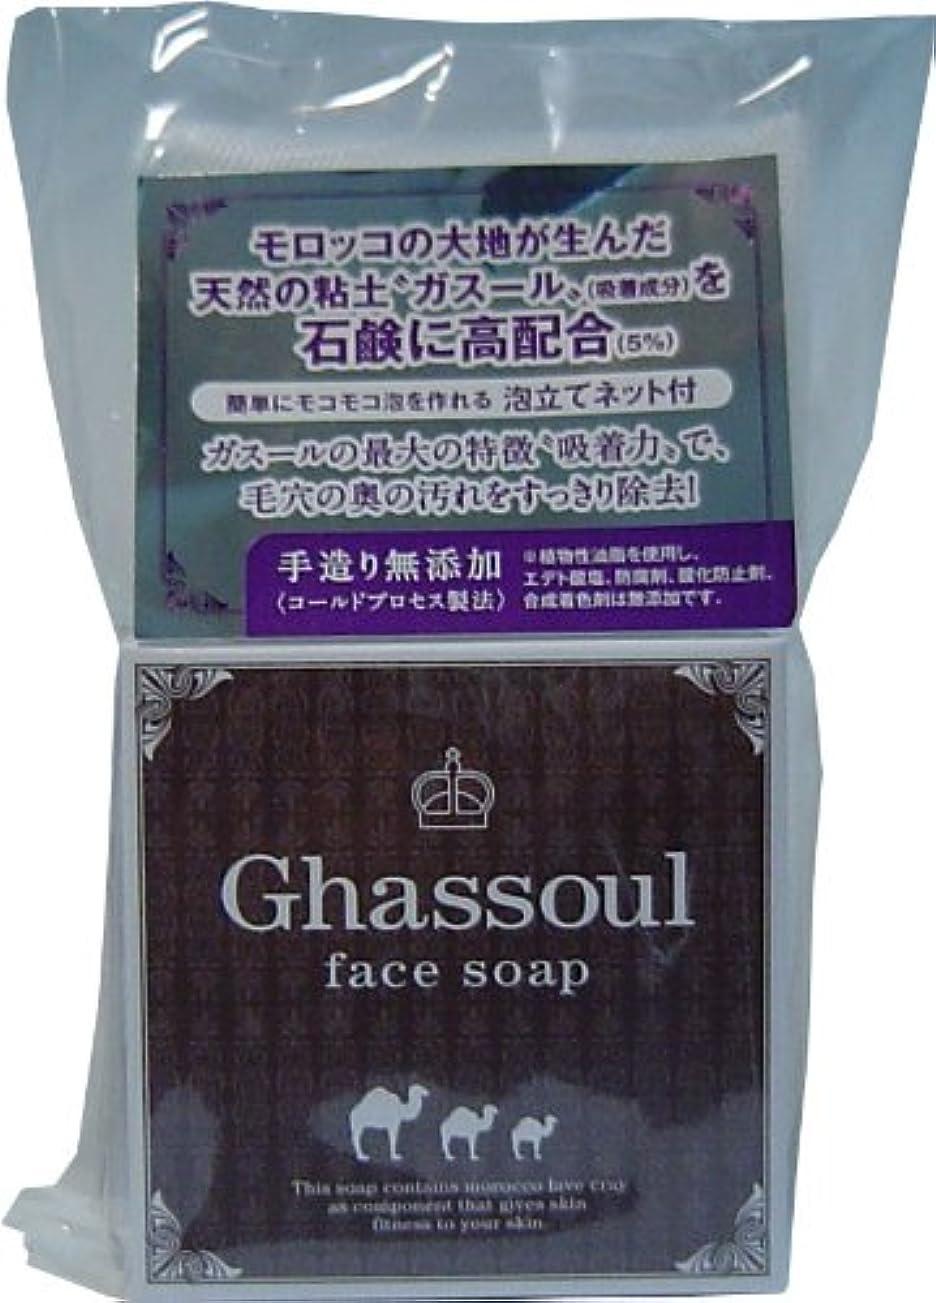 引き出すワードローブ打たれたトラックGhassoul face soap ガスールフェイスソープ 100g「4点セット」